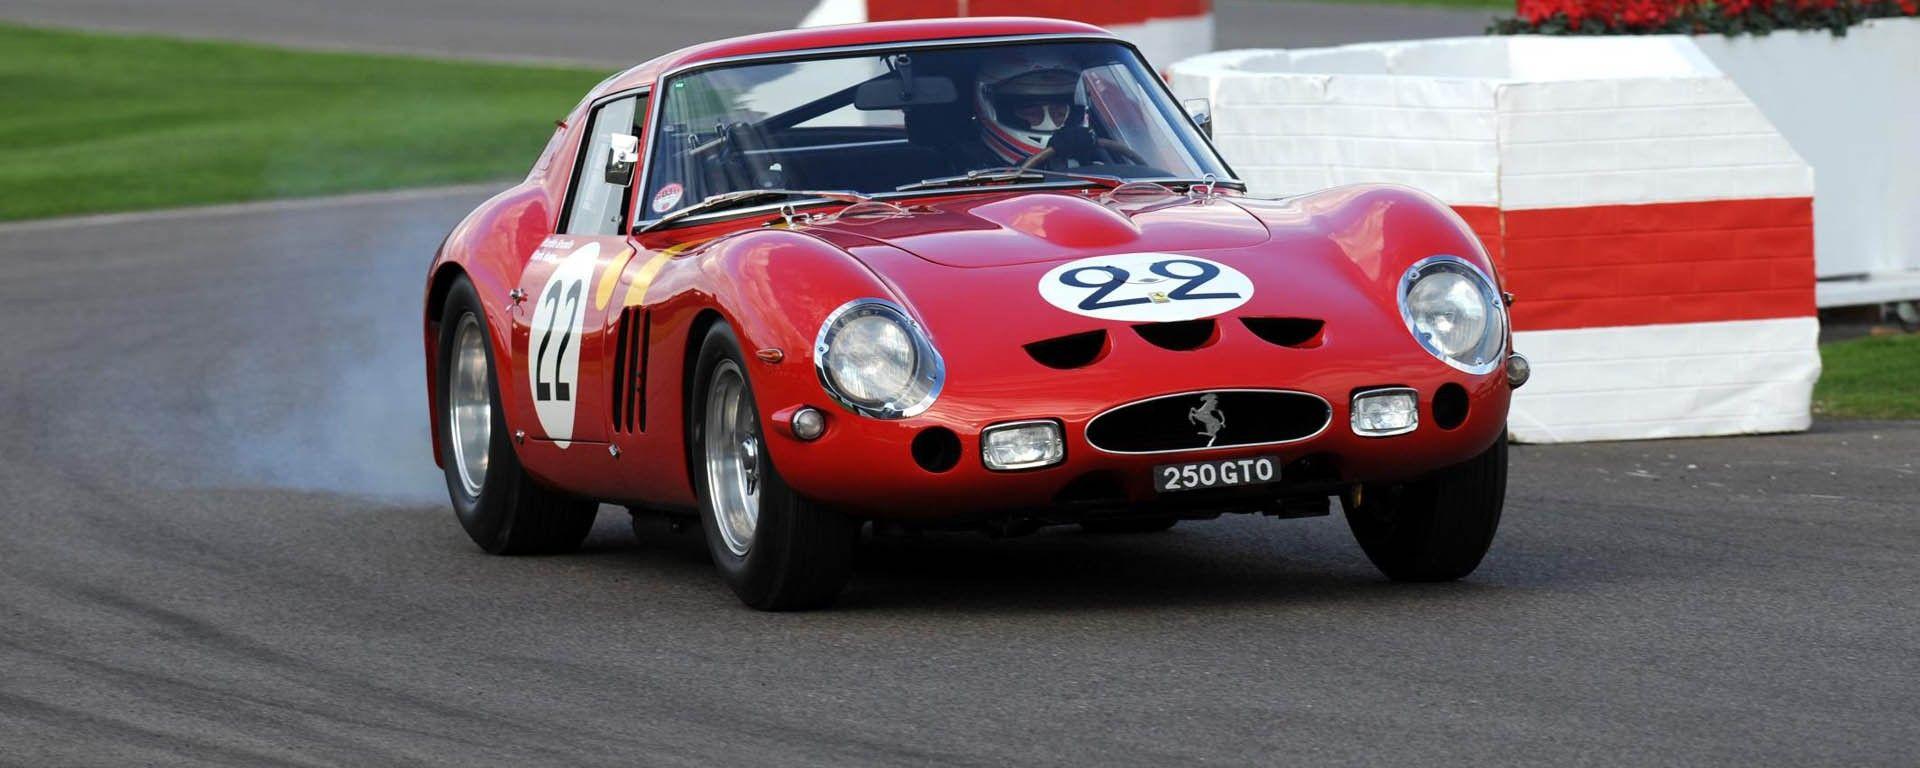 Rimettere in produzione Ferrari 250 GTO del 1962? Marchionne ci pensa